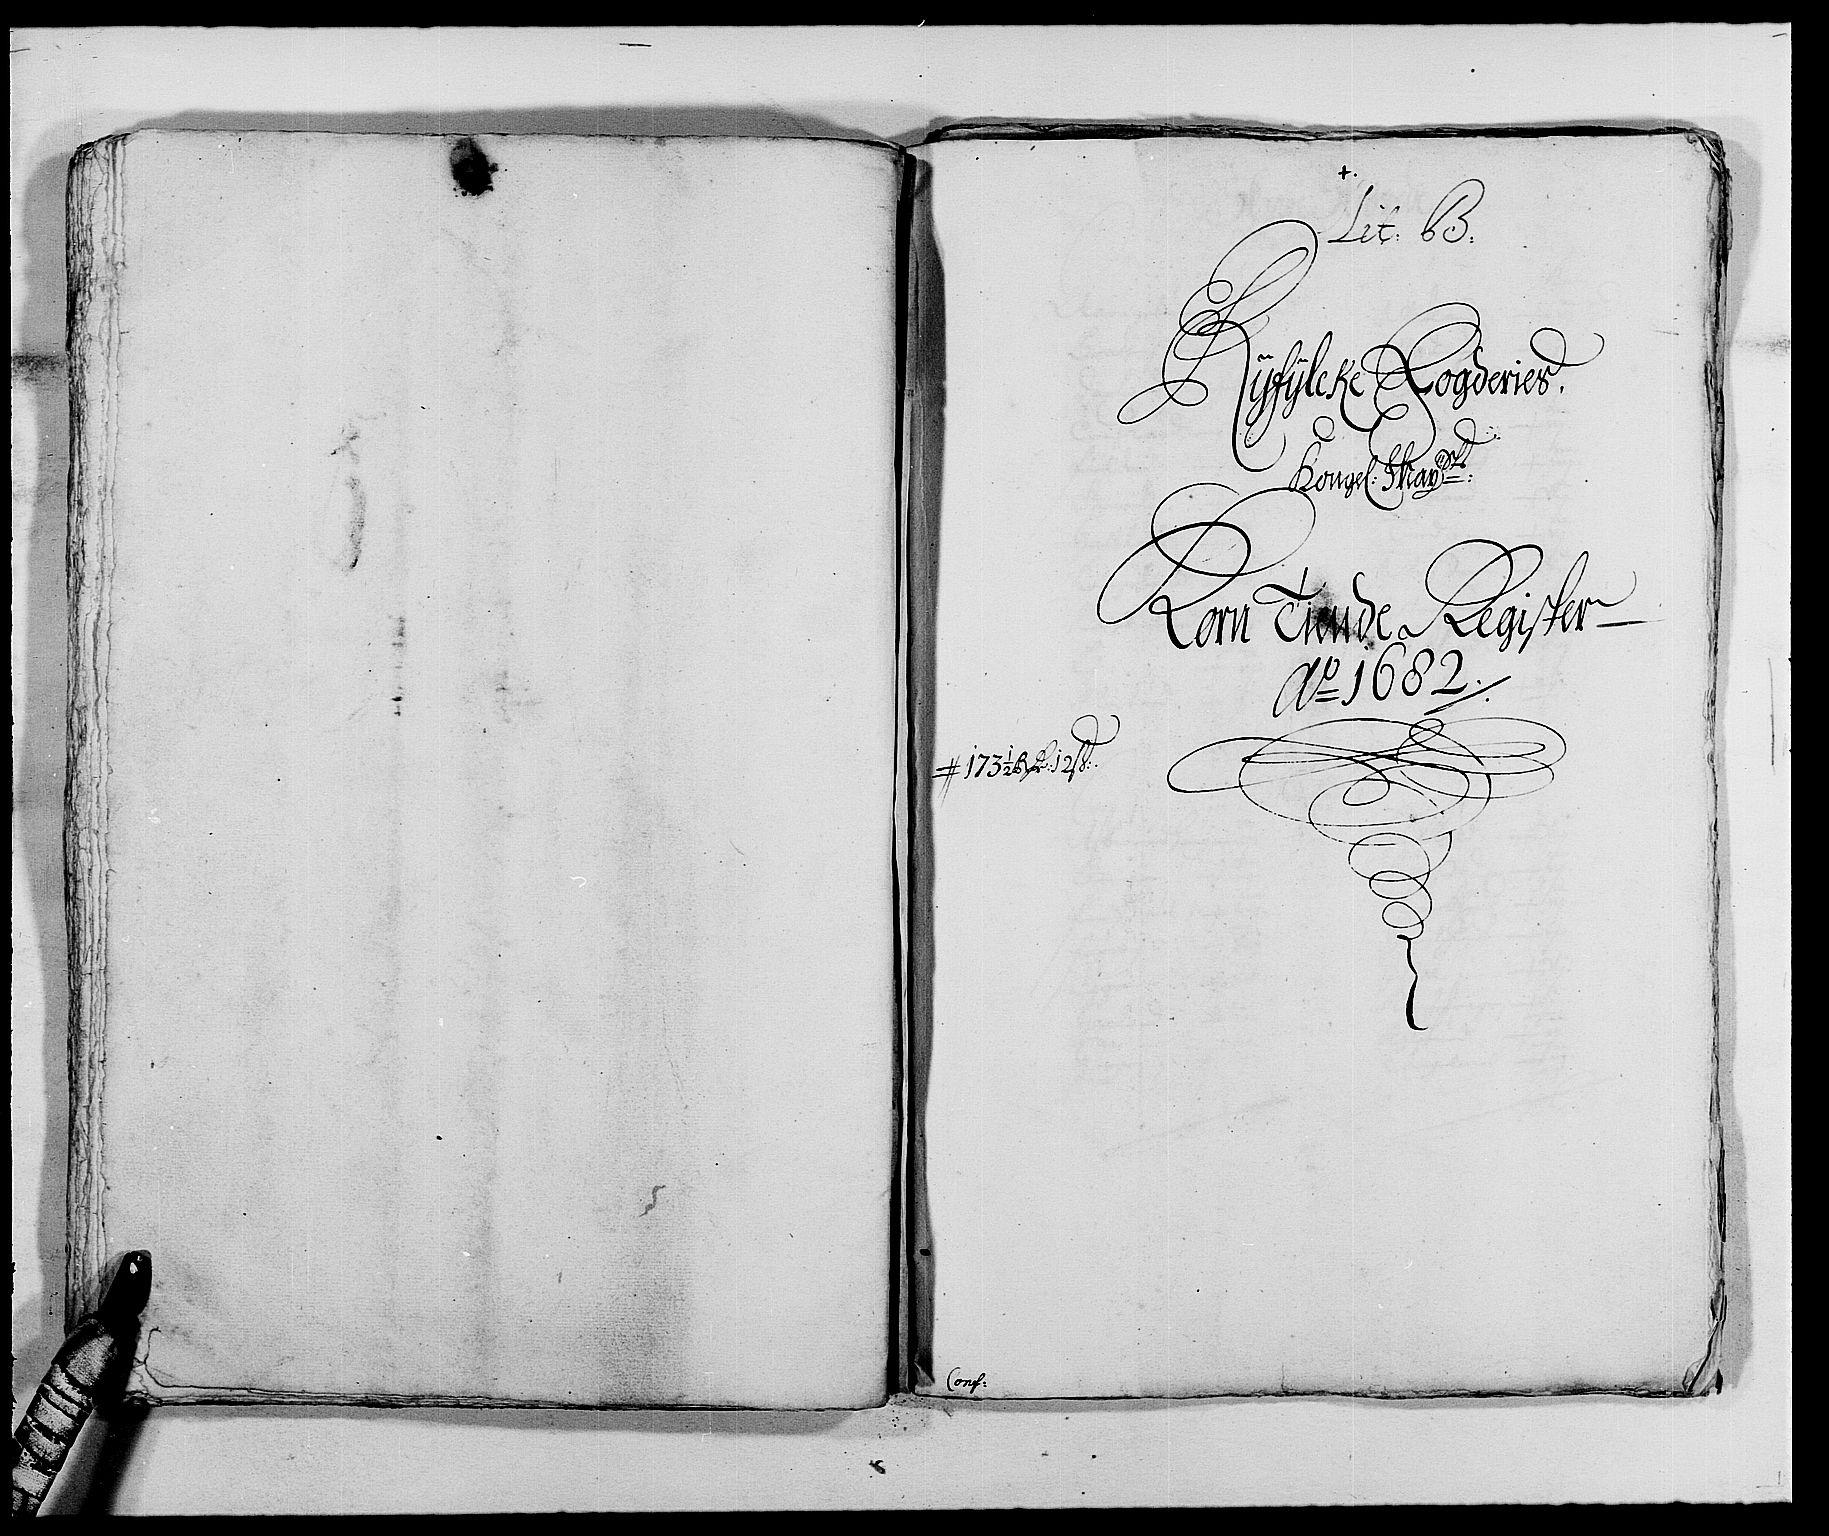 RA, Rentekammeret inntil 1814, Reviderte regnskaper, Fogderegnskap, R47/L2853: Fogderegnskap Ryfylke, 1682-1683, s. 54